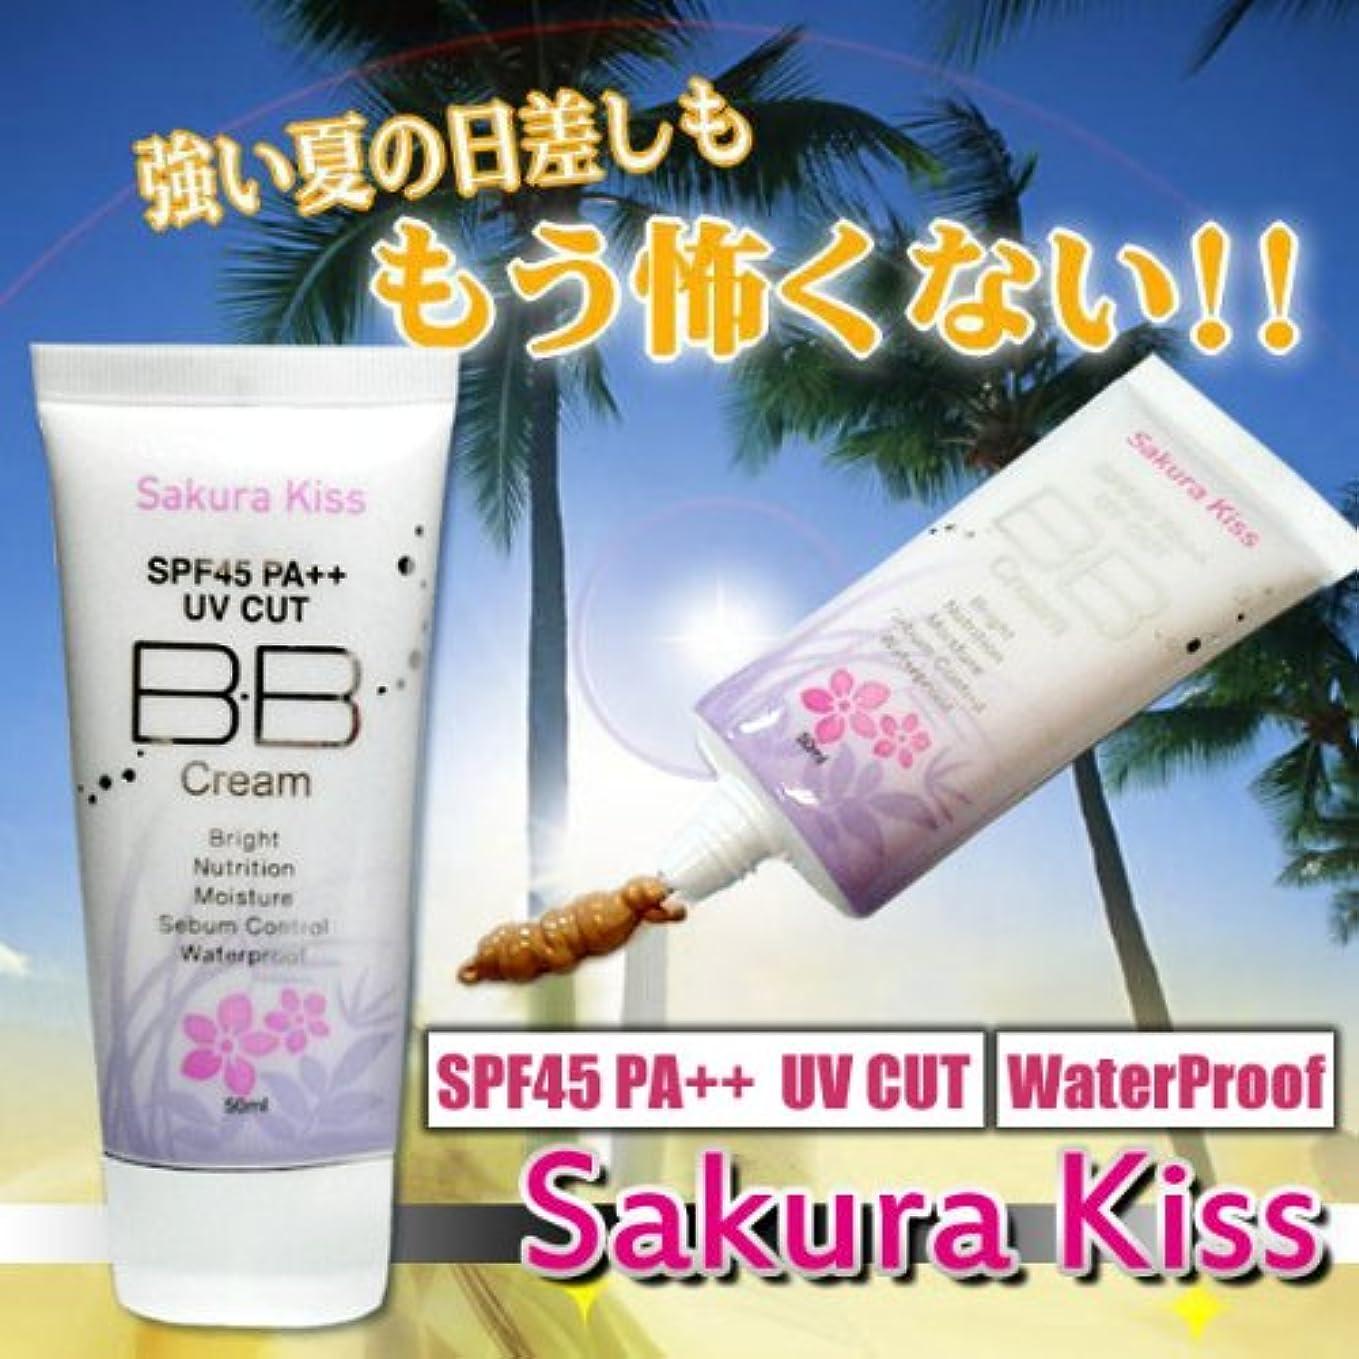 回答艦隊繰り返すSakura Kiss BBクリーム UVプロテクト SPF45PA++ 50ml